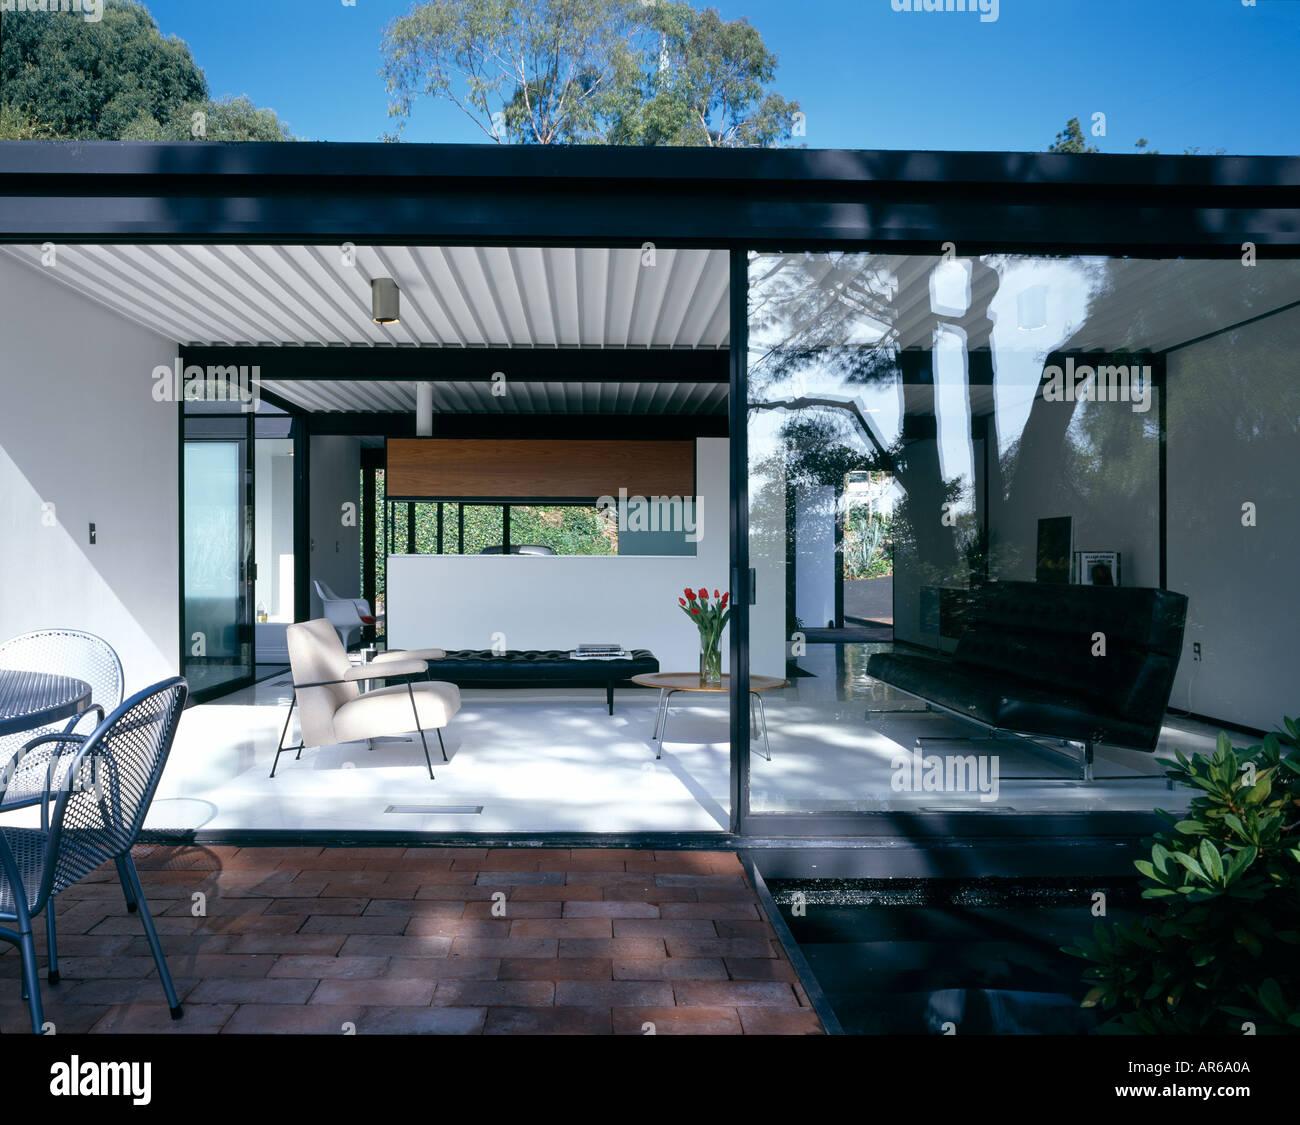 fallstudie haus 21 wonderland avenue hollywood hills los angeles wohnzimmer von terrasse. Black Bedroom Furniture Sets. Home Design Ideas